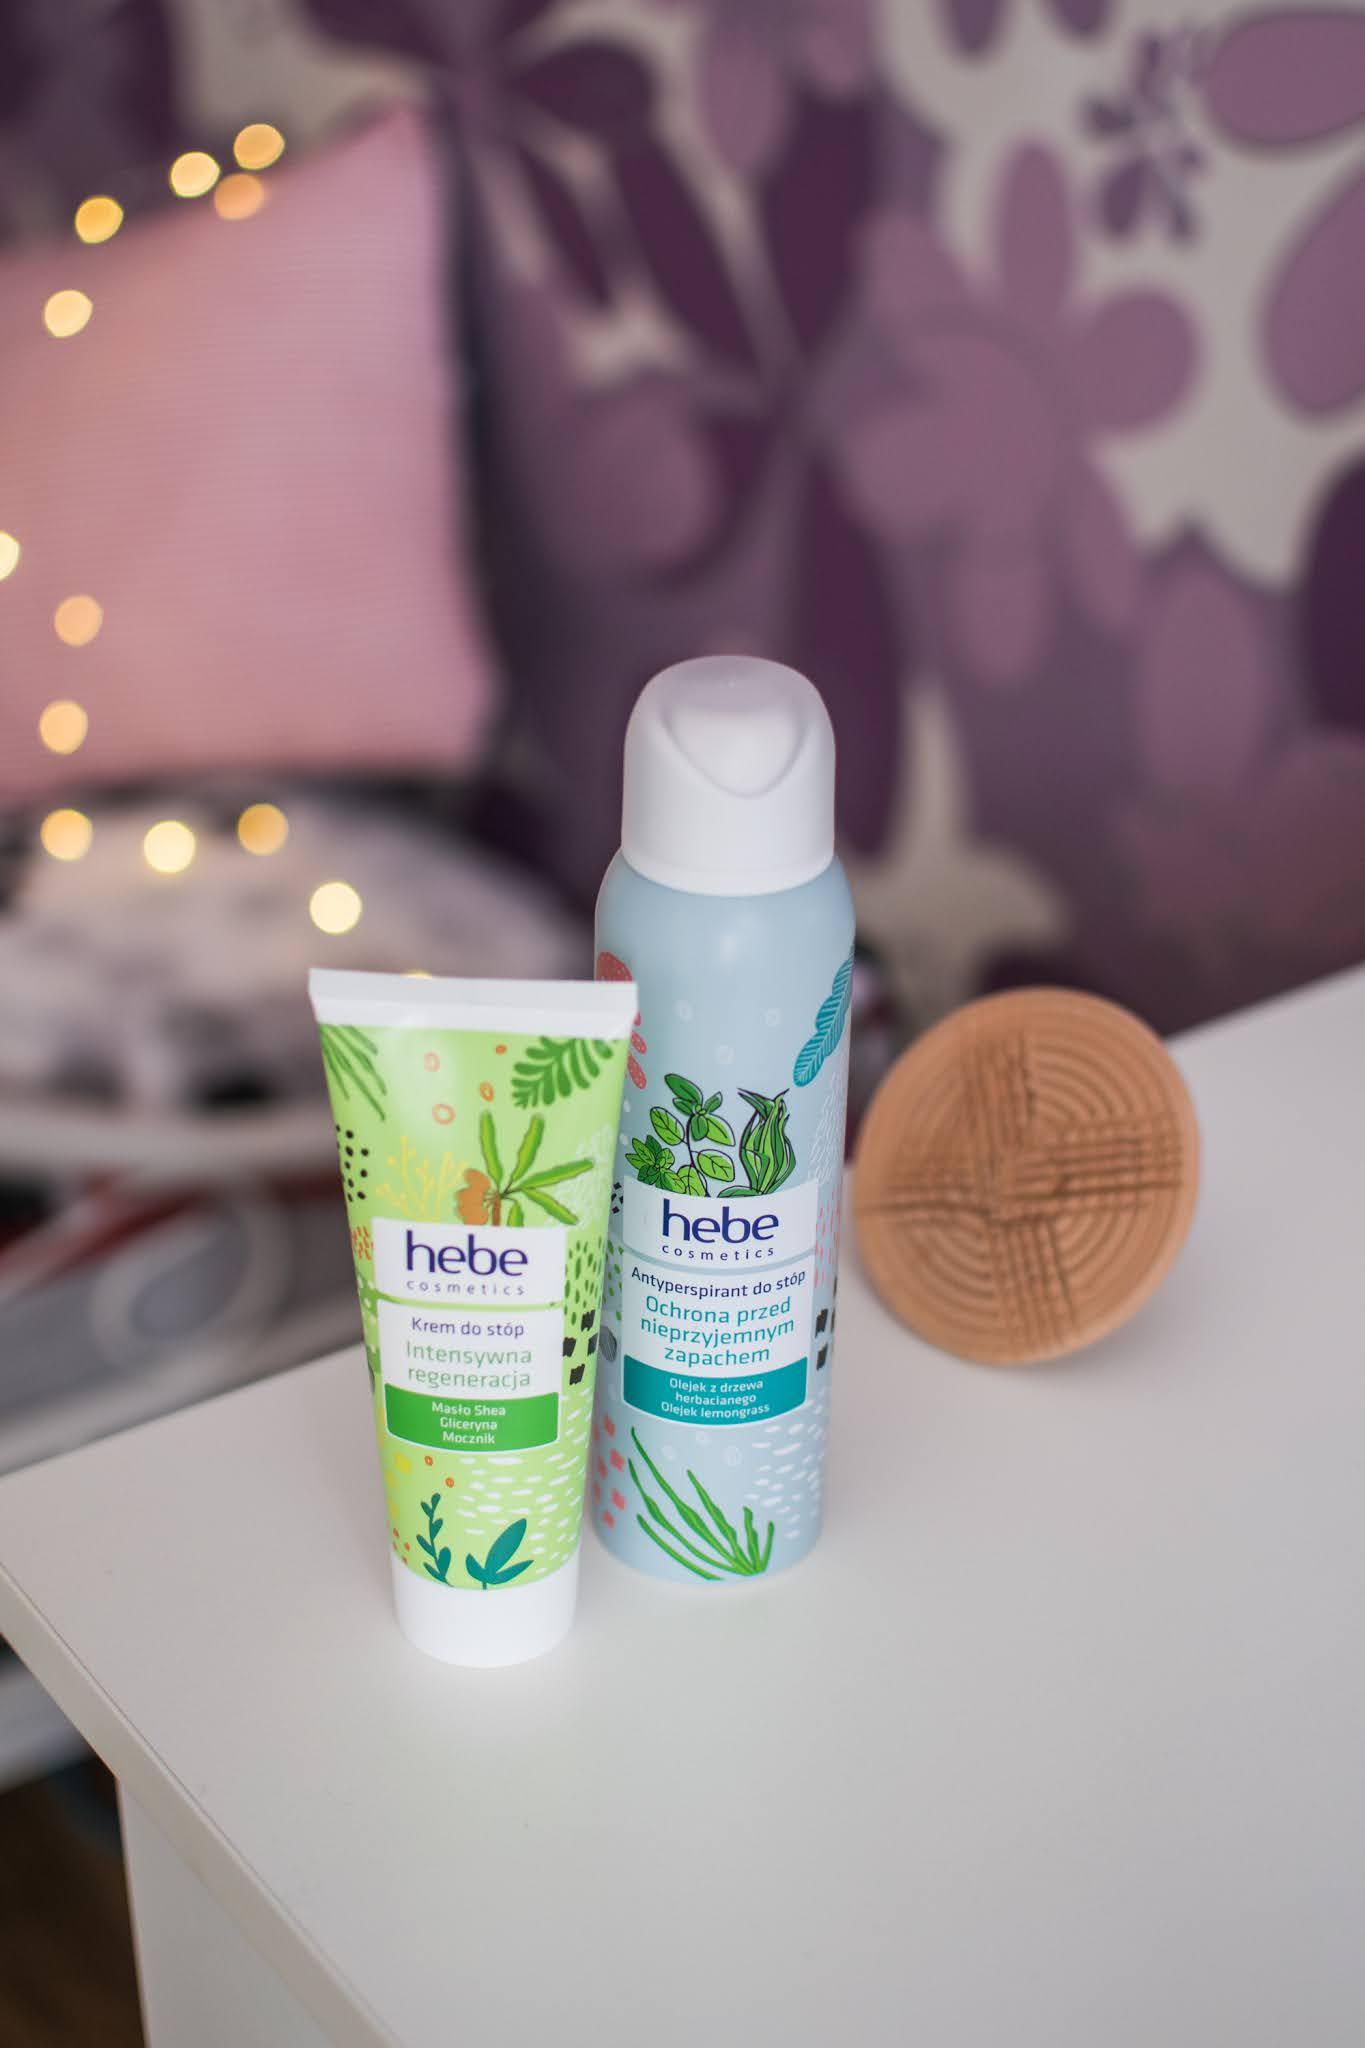 Pielęgnacja stóp z Hebe Cosmetics | Krem regenerujący i antyperspirant